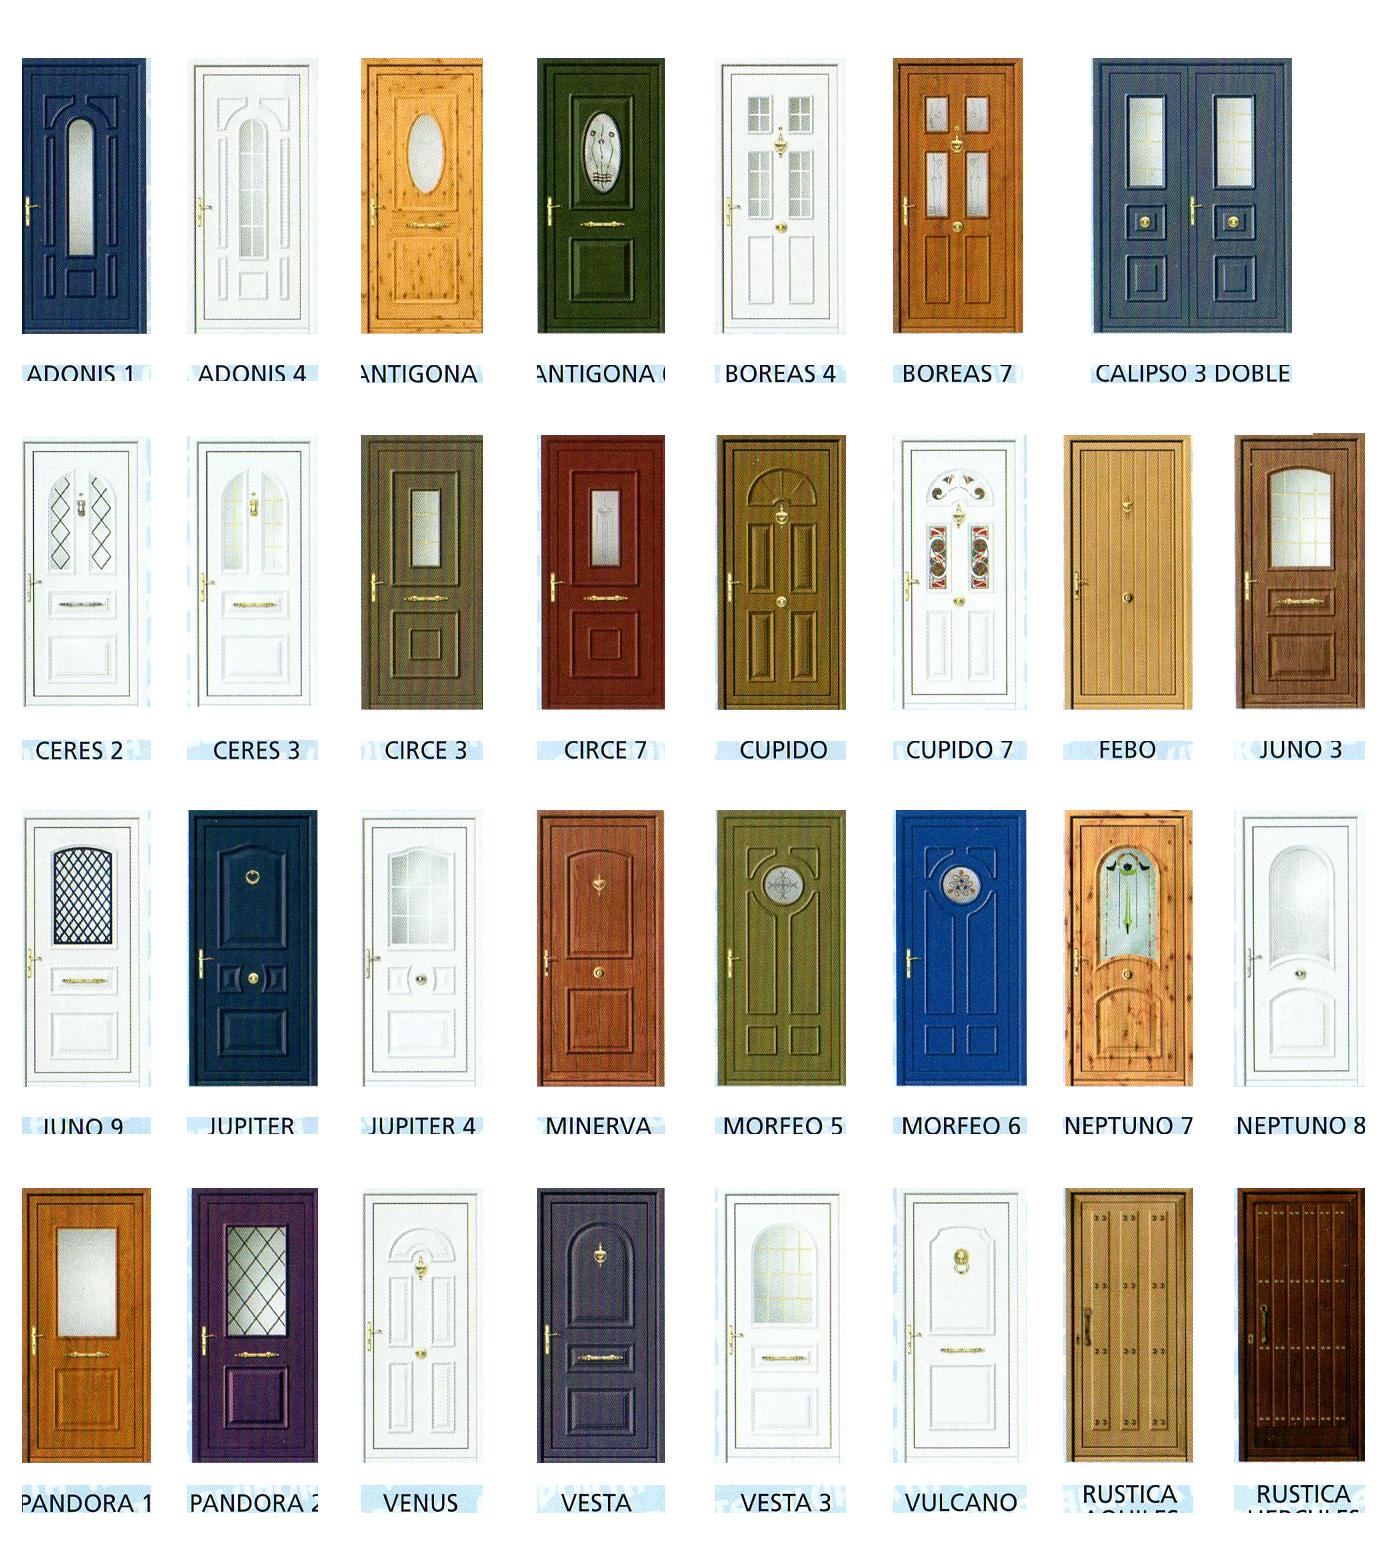 Puertas de aluminio y cerramientos catalogo puertas de for Puertas madera interiores catalogo